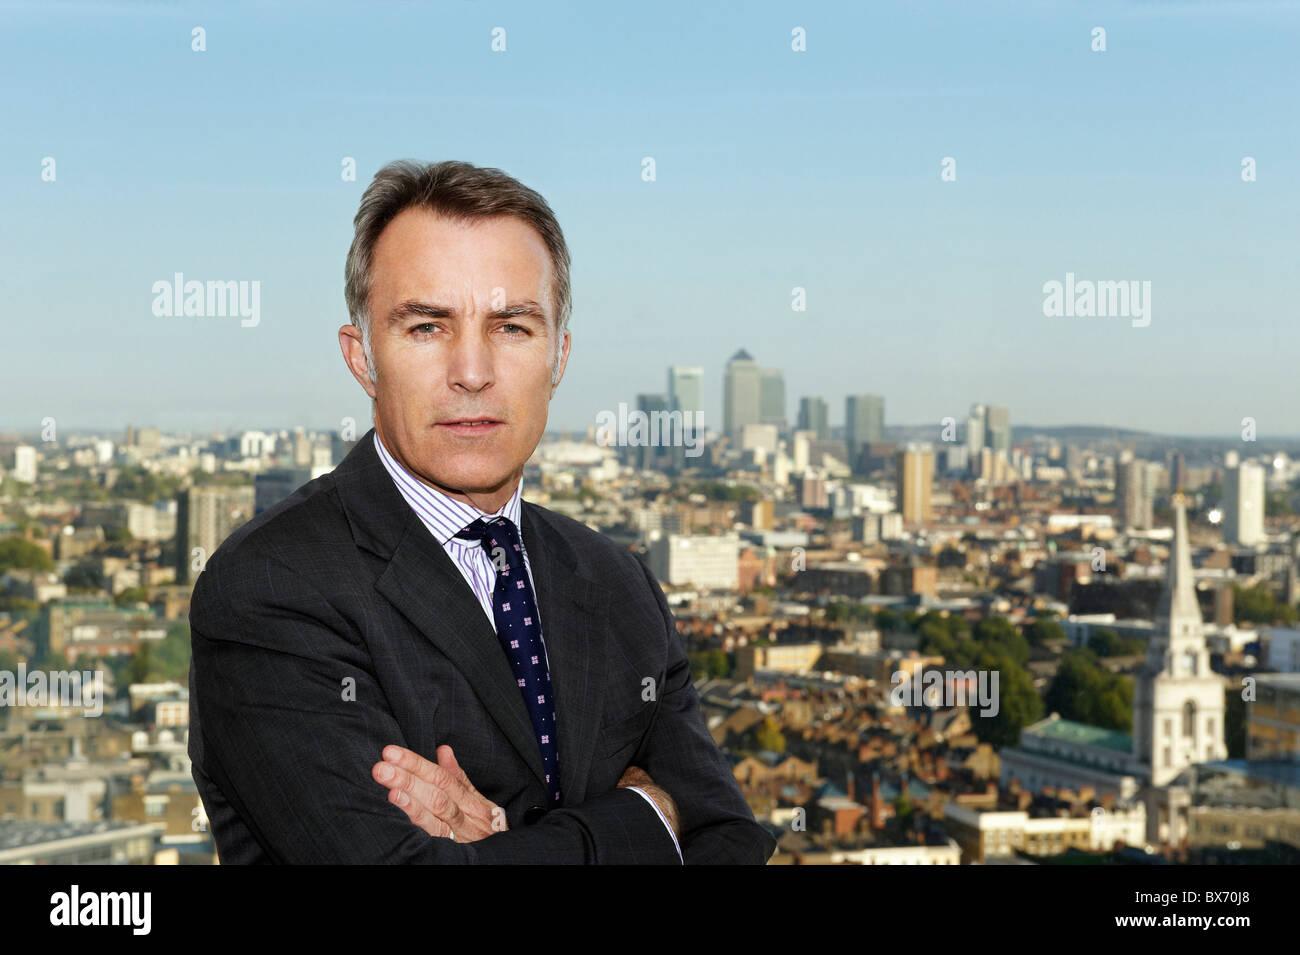 Portrait de l'exécutif avec vue de paysage de ville derrière lui Photo Stock